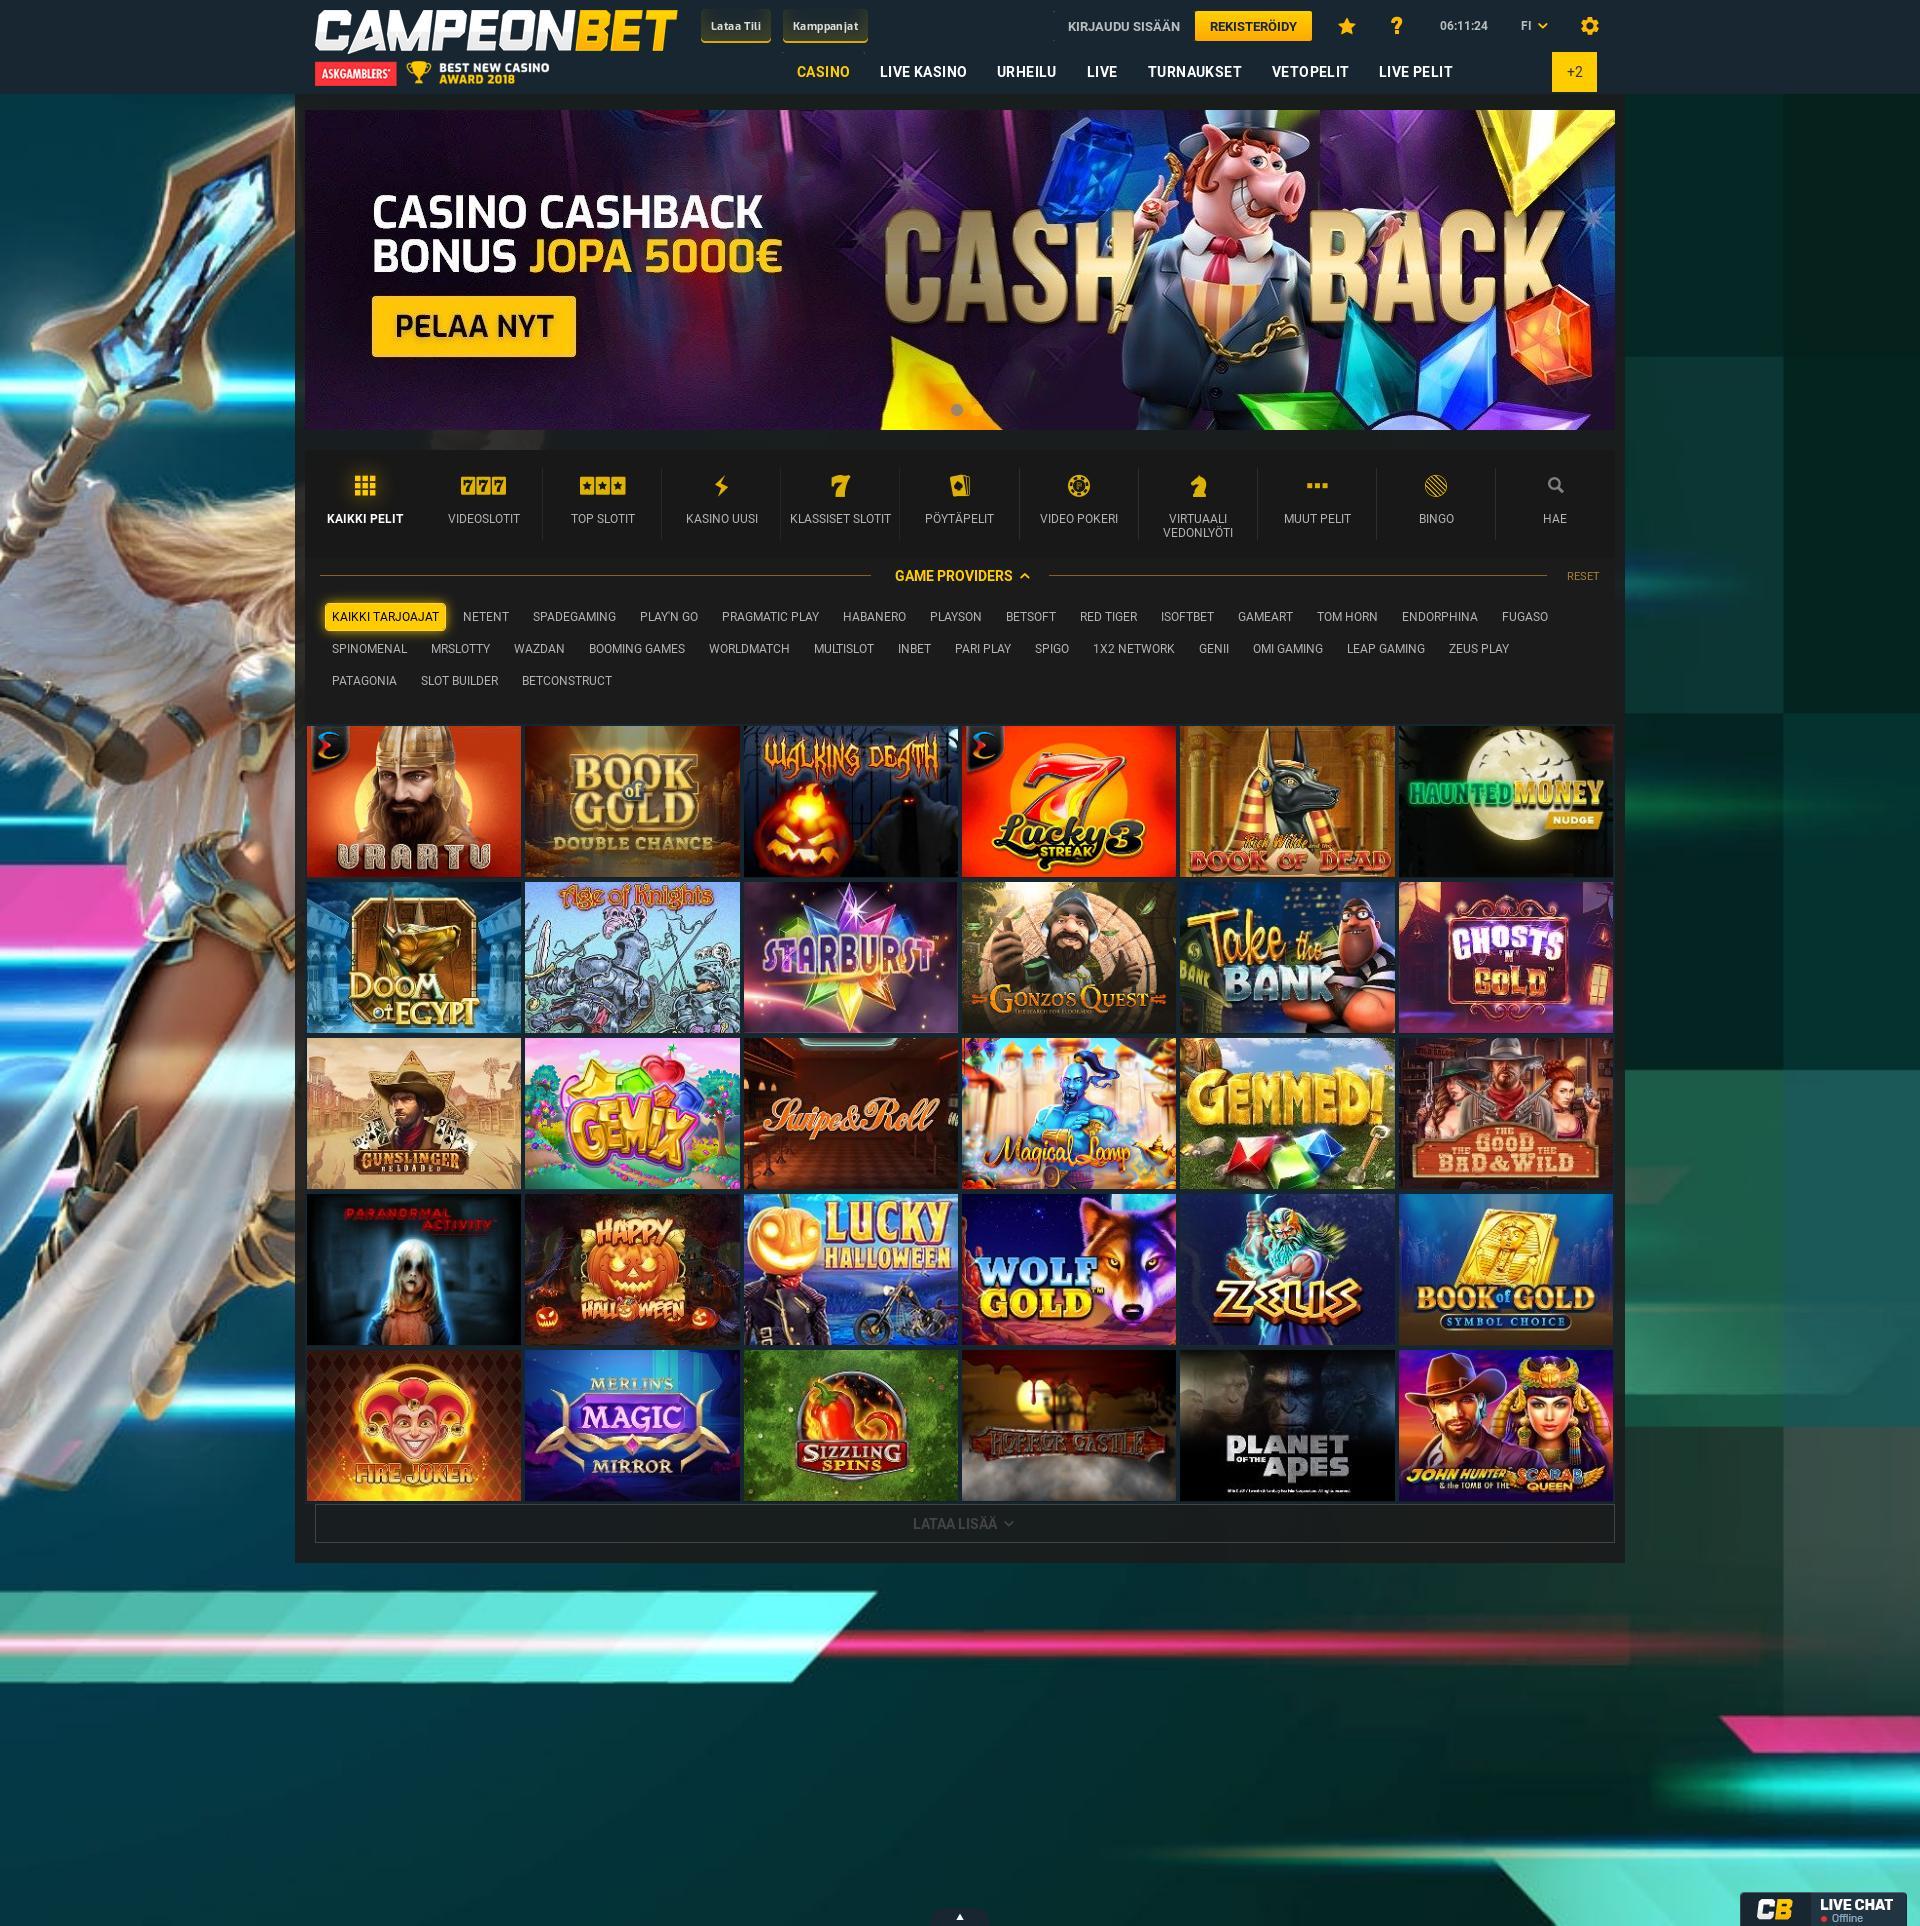 Casino-näyttö Lobby 2019-11-14 varten Suomi